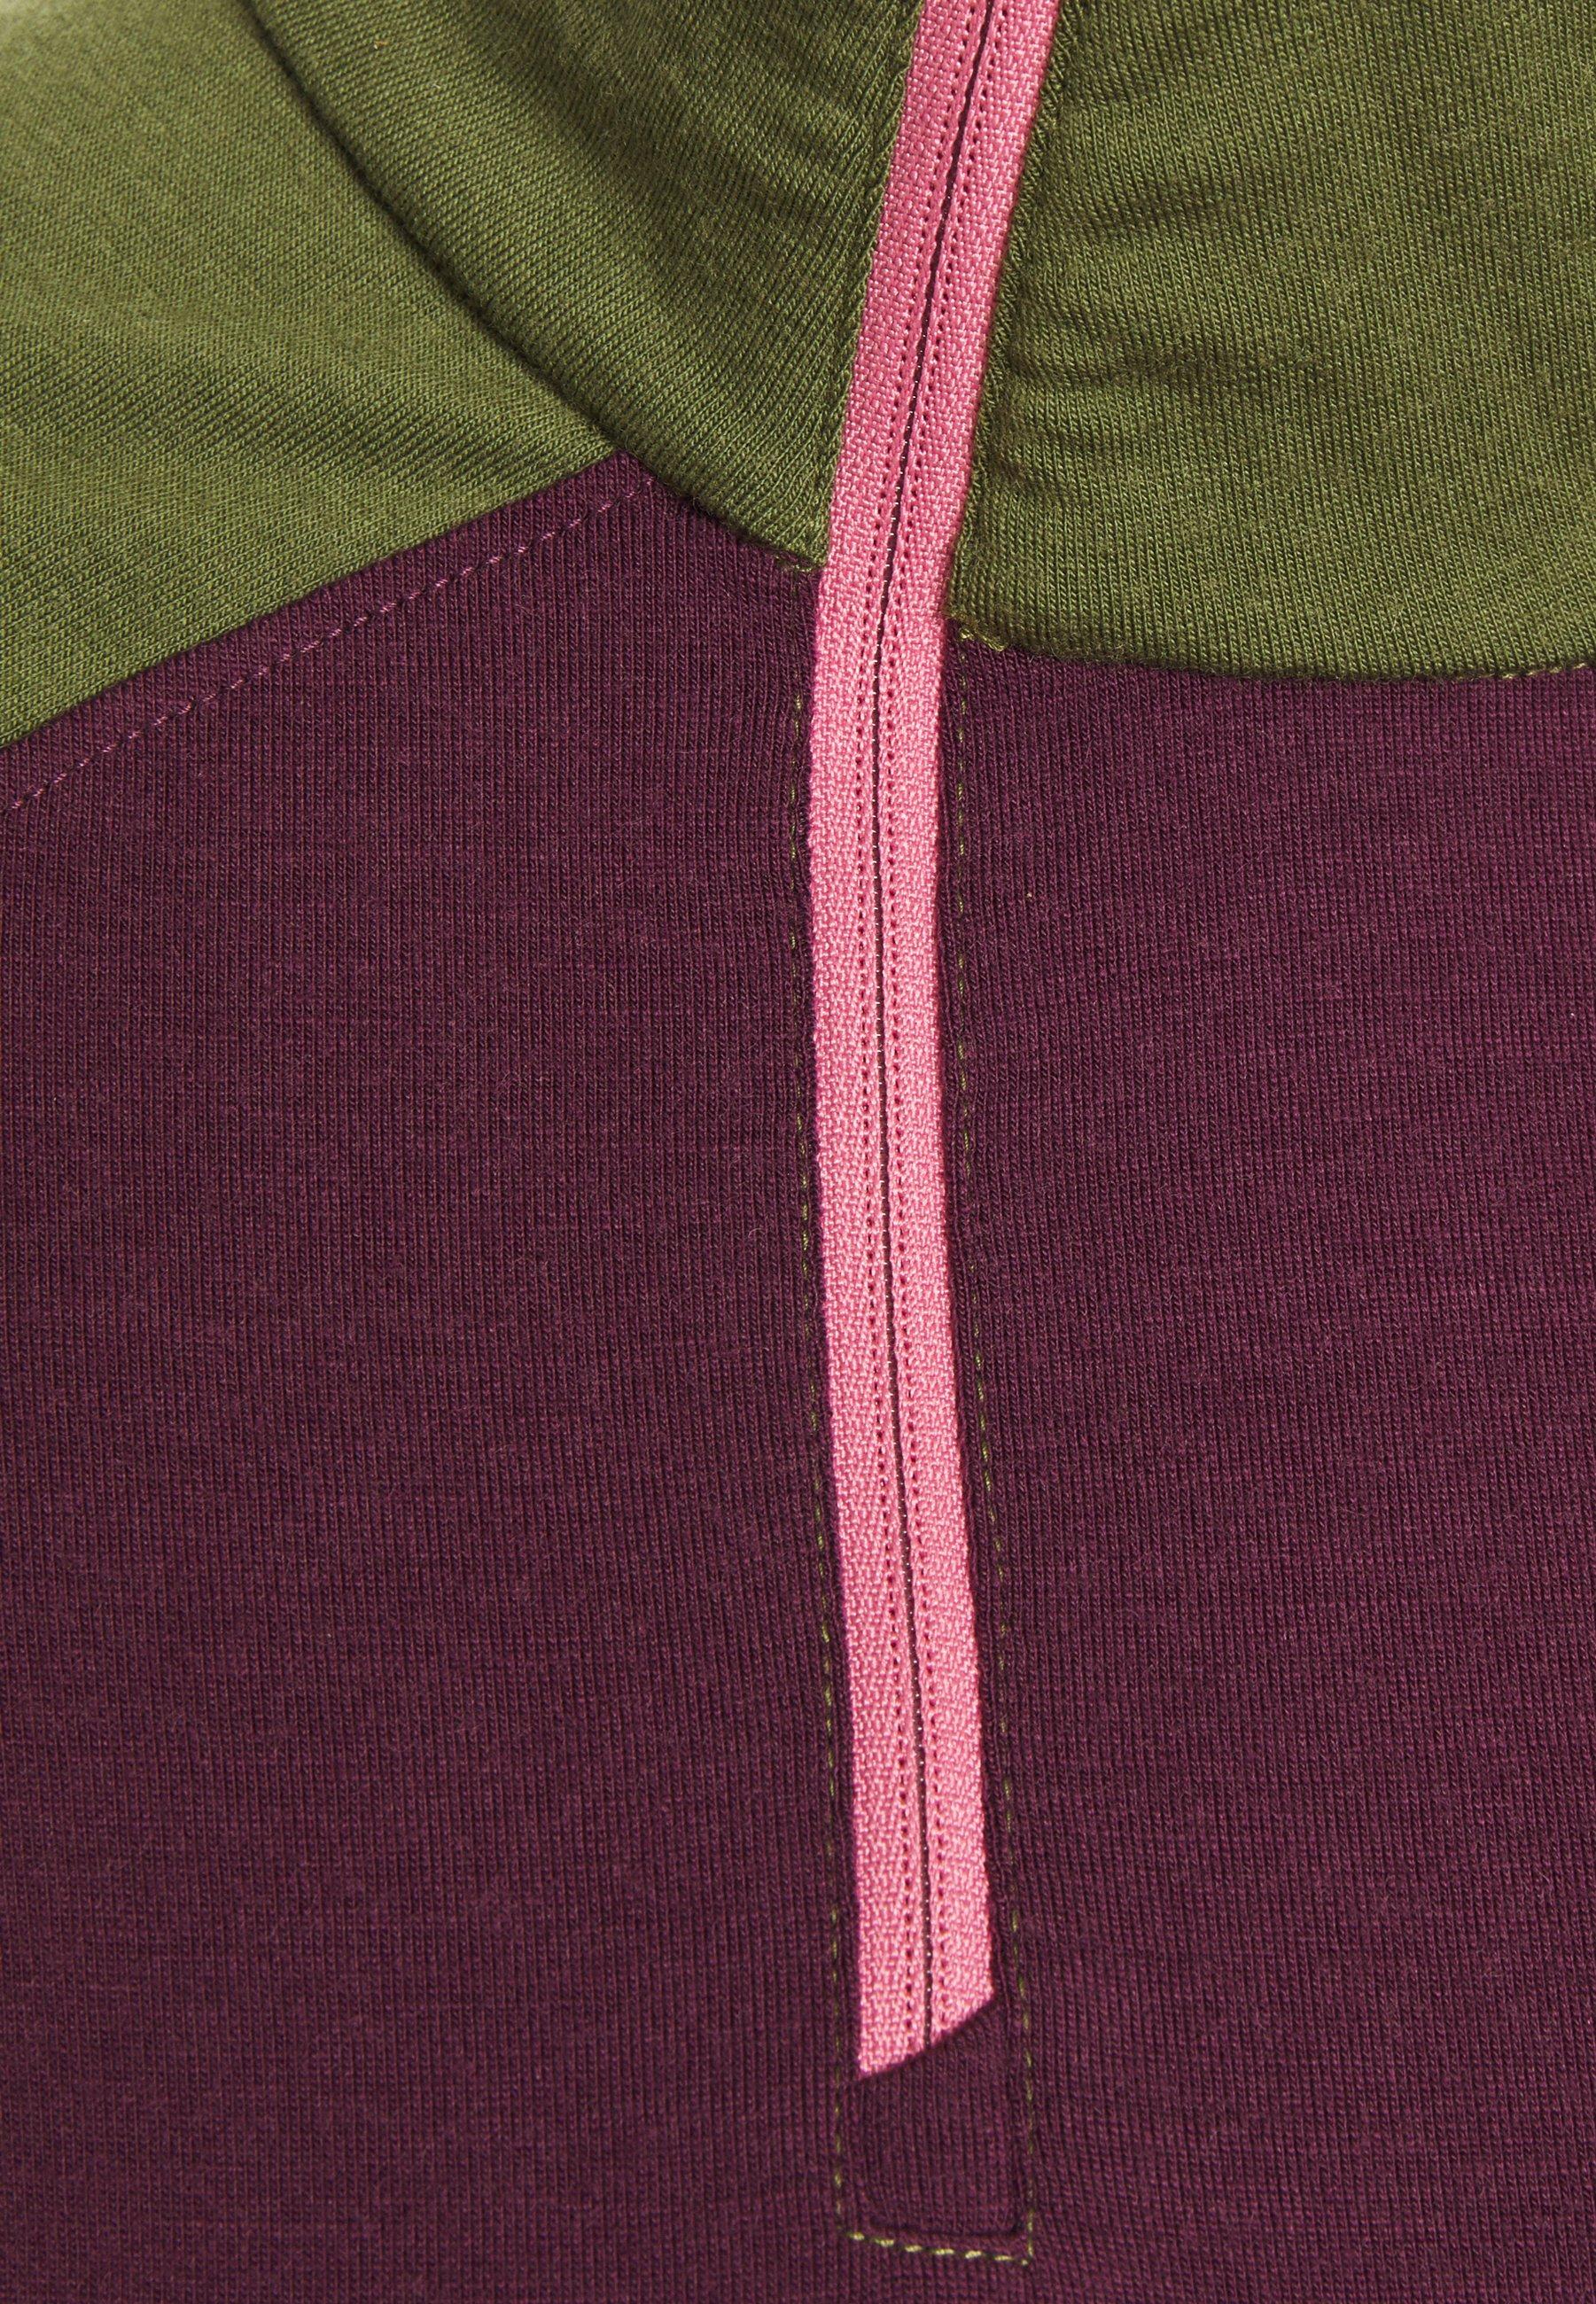 Mons Royale OLYMPUS 3.0 - Sports shirt - blackberry/avocado vPkzv